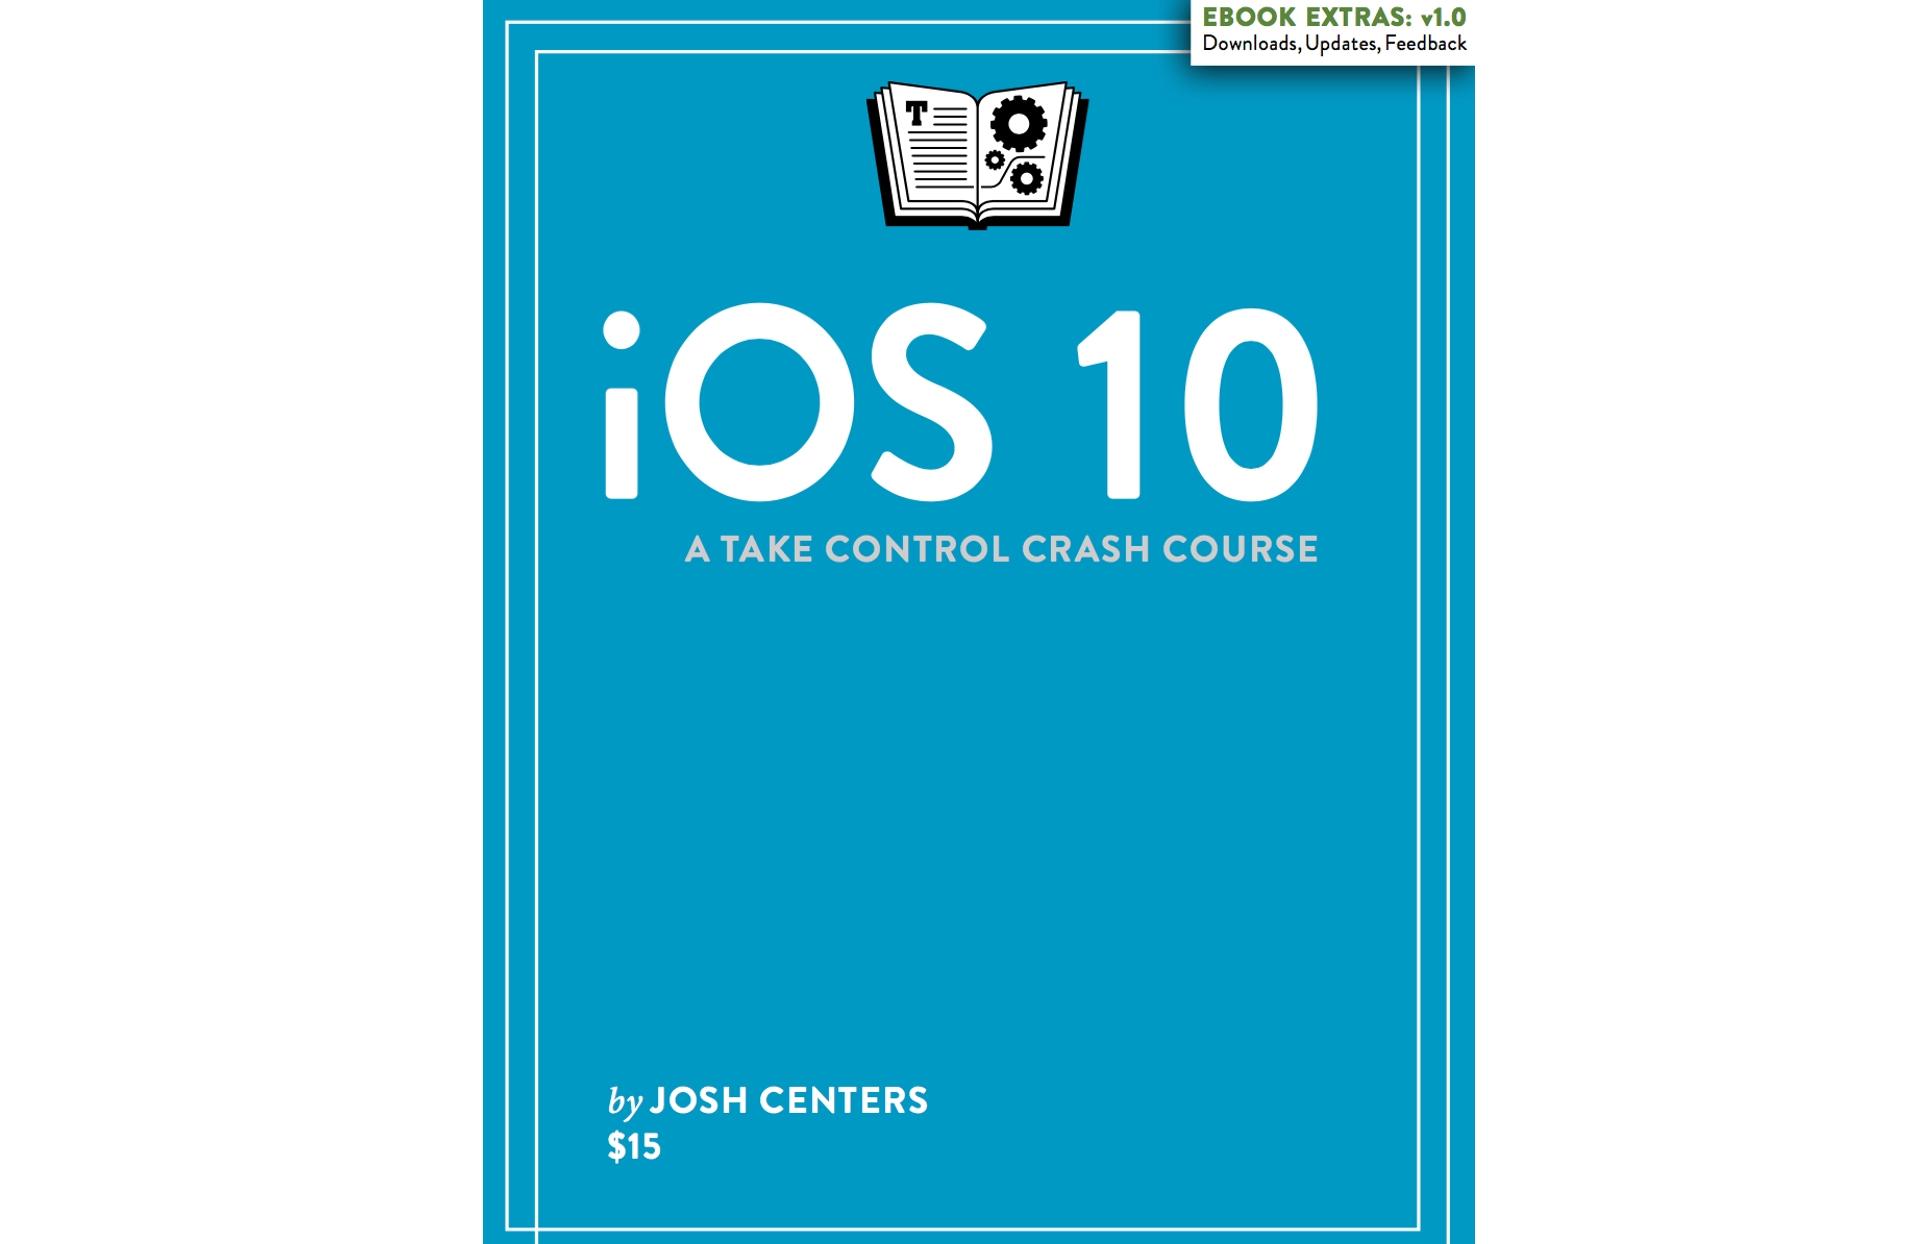 iOS 10 TC